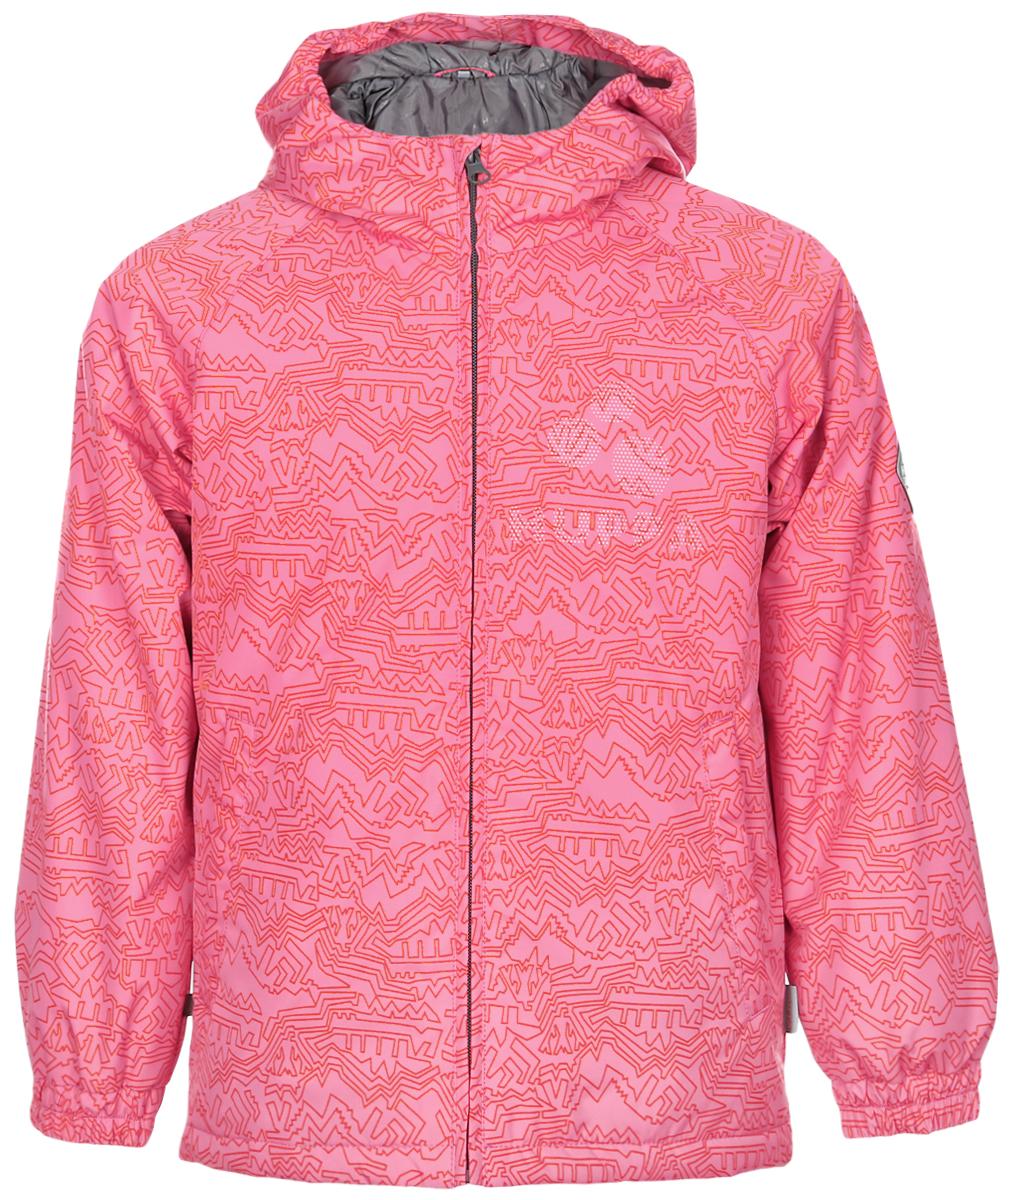 Куртка детская Huppa Classy 1, цвет: розовый. 17710010-913. Размер 15217710010-913Детская куртка Huppa изготовлена из водонепроницаемого полиэстера. Куртка с капюшоном застегивается на пластиковую застежку-молнию с защитой подбородка. Высокотехнологичный лёгкий синтетический утеплитель нового поколения сохраняет объём и высокую теплоизоляцию изделия. Края капюшона и рукавов собраны на внутренние резинки. У модели имеются два врезных кармана. Изделие дополнено светоотражающими элементами.Выдерживает температуру до -5°C.